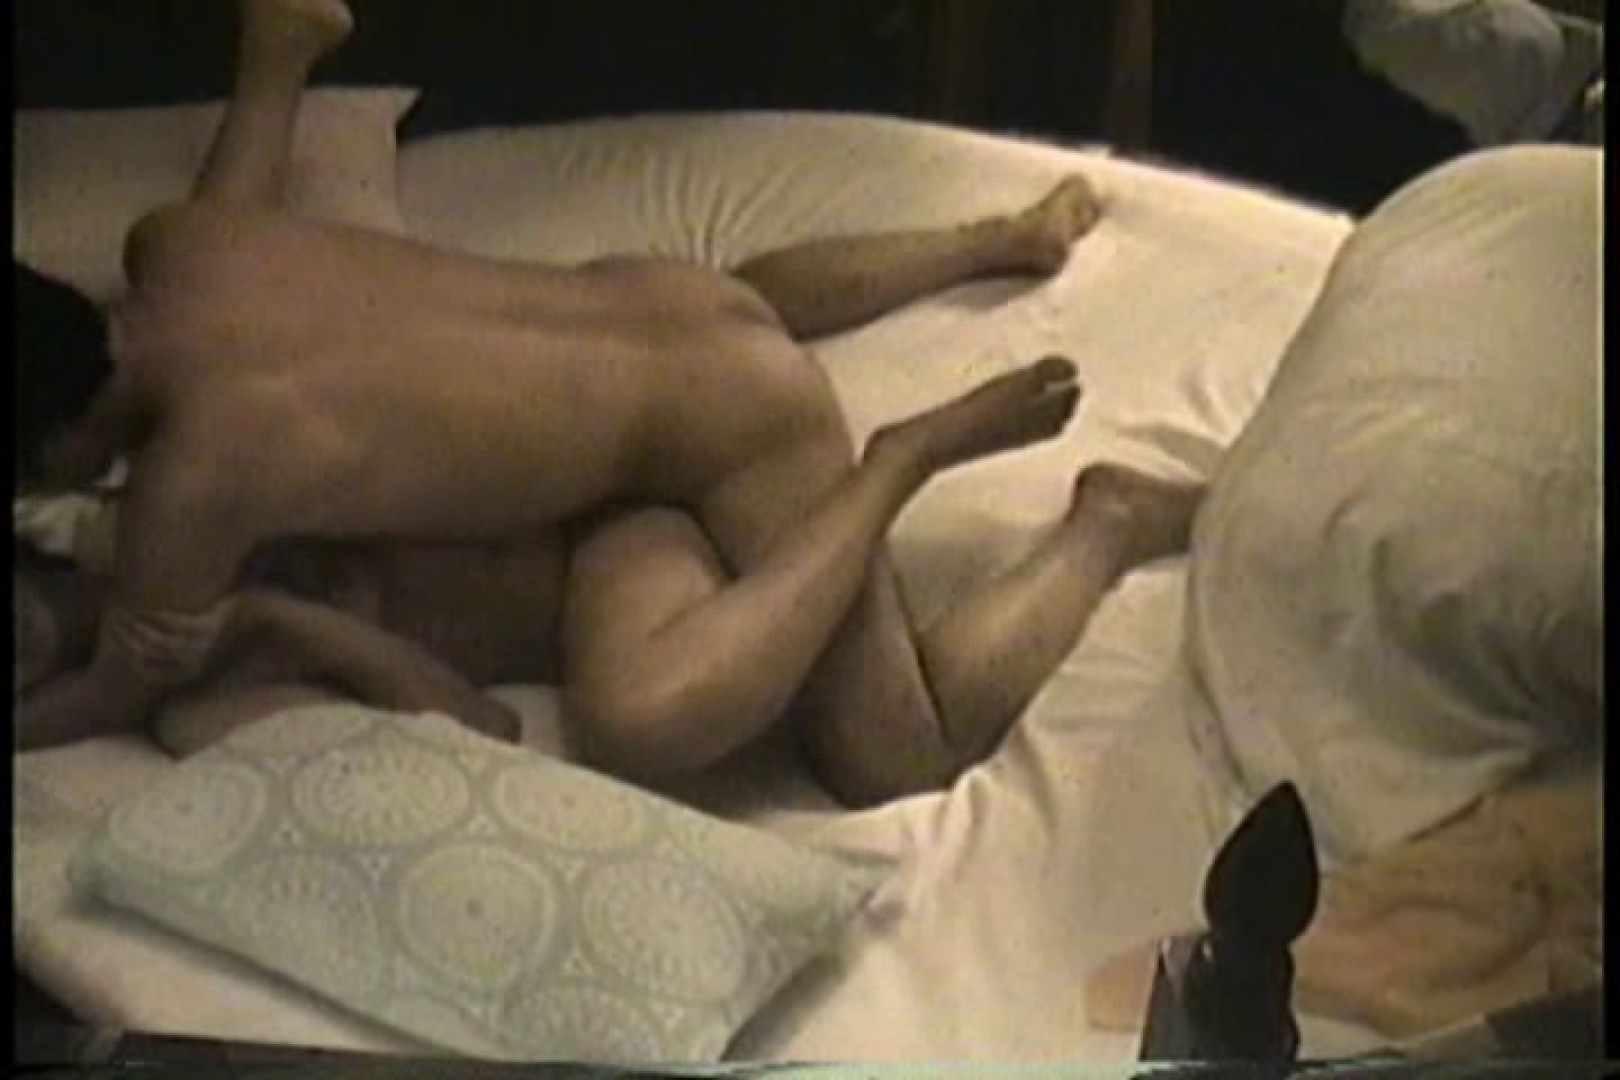 実録!ラブホテル~消し忘れ注意!昭和の色編~ vol.15 ラブホテル セックス画像 96PIX 36